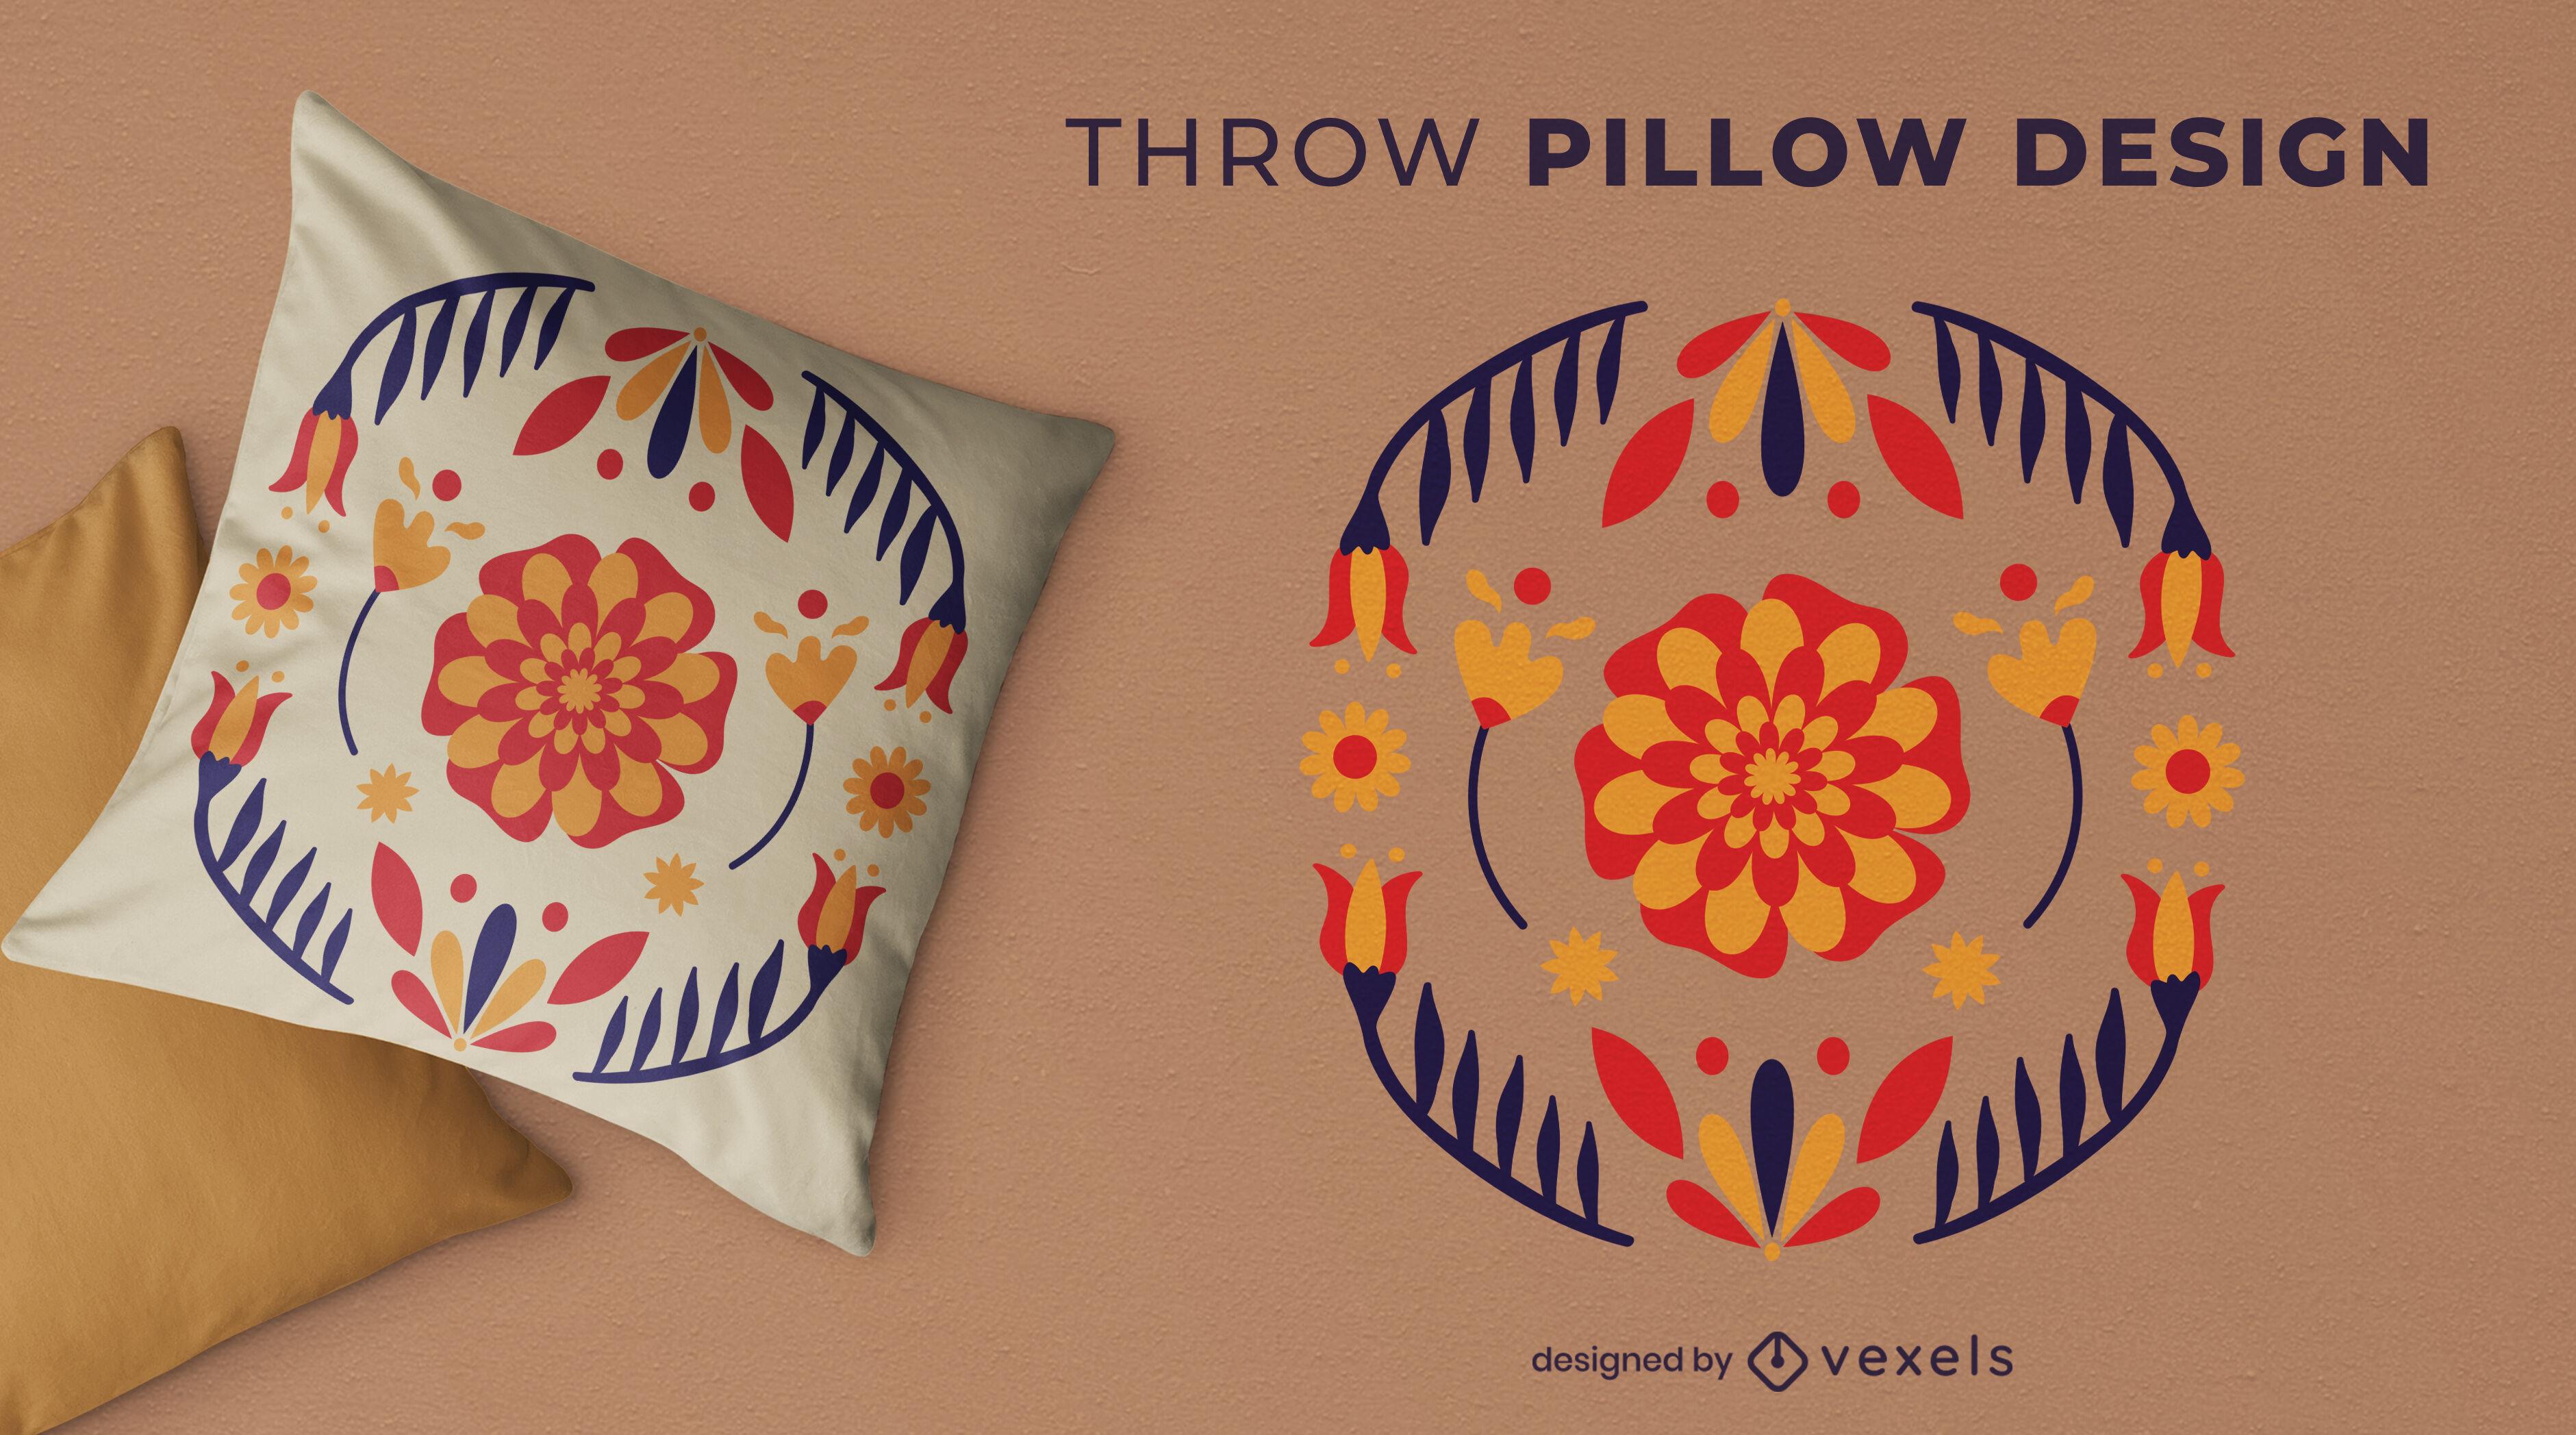 Diseño de almohada de tiro con flores espejadas